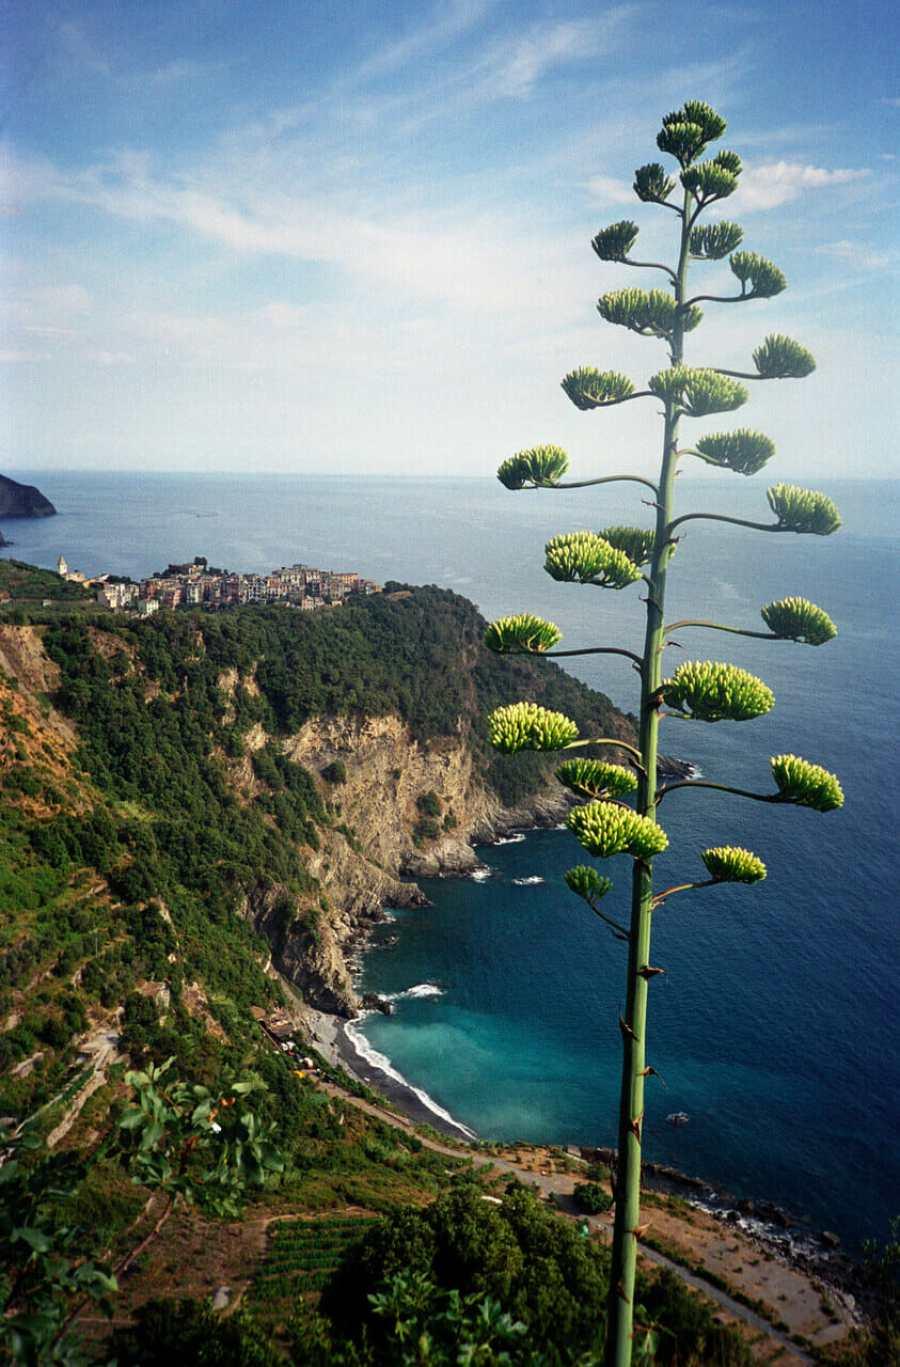 cinque terre overlooking the sea